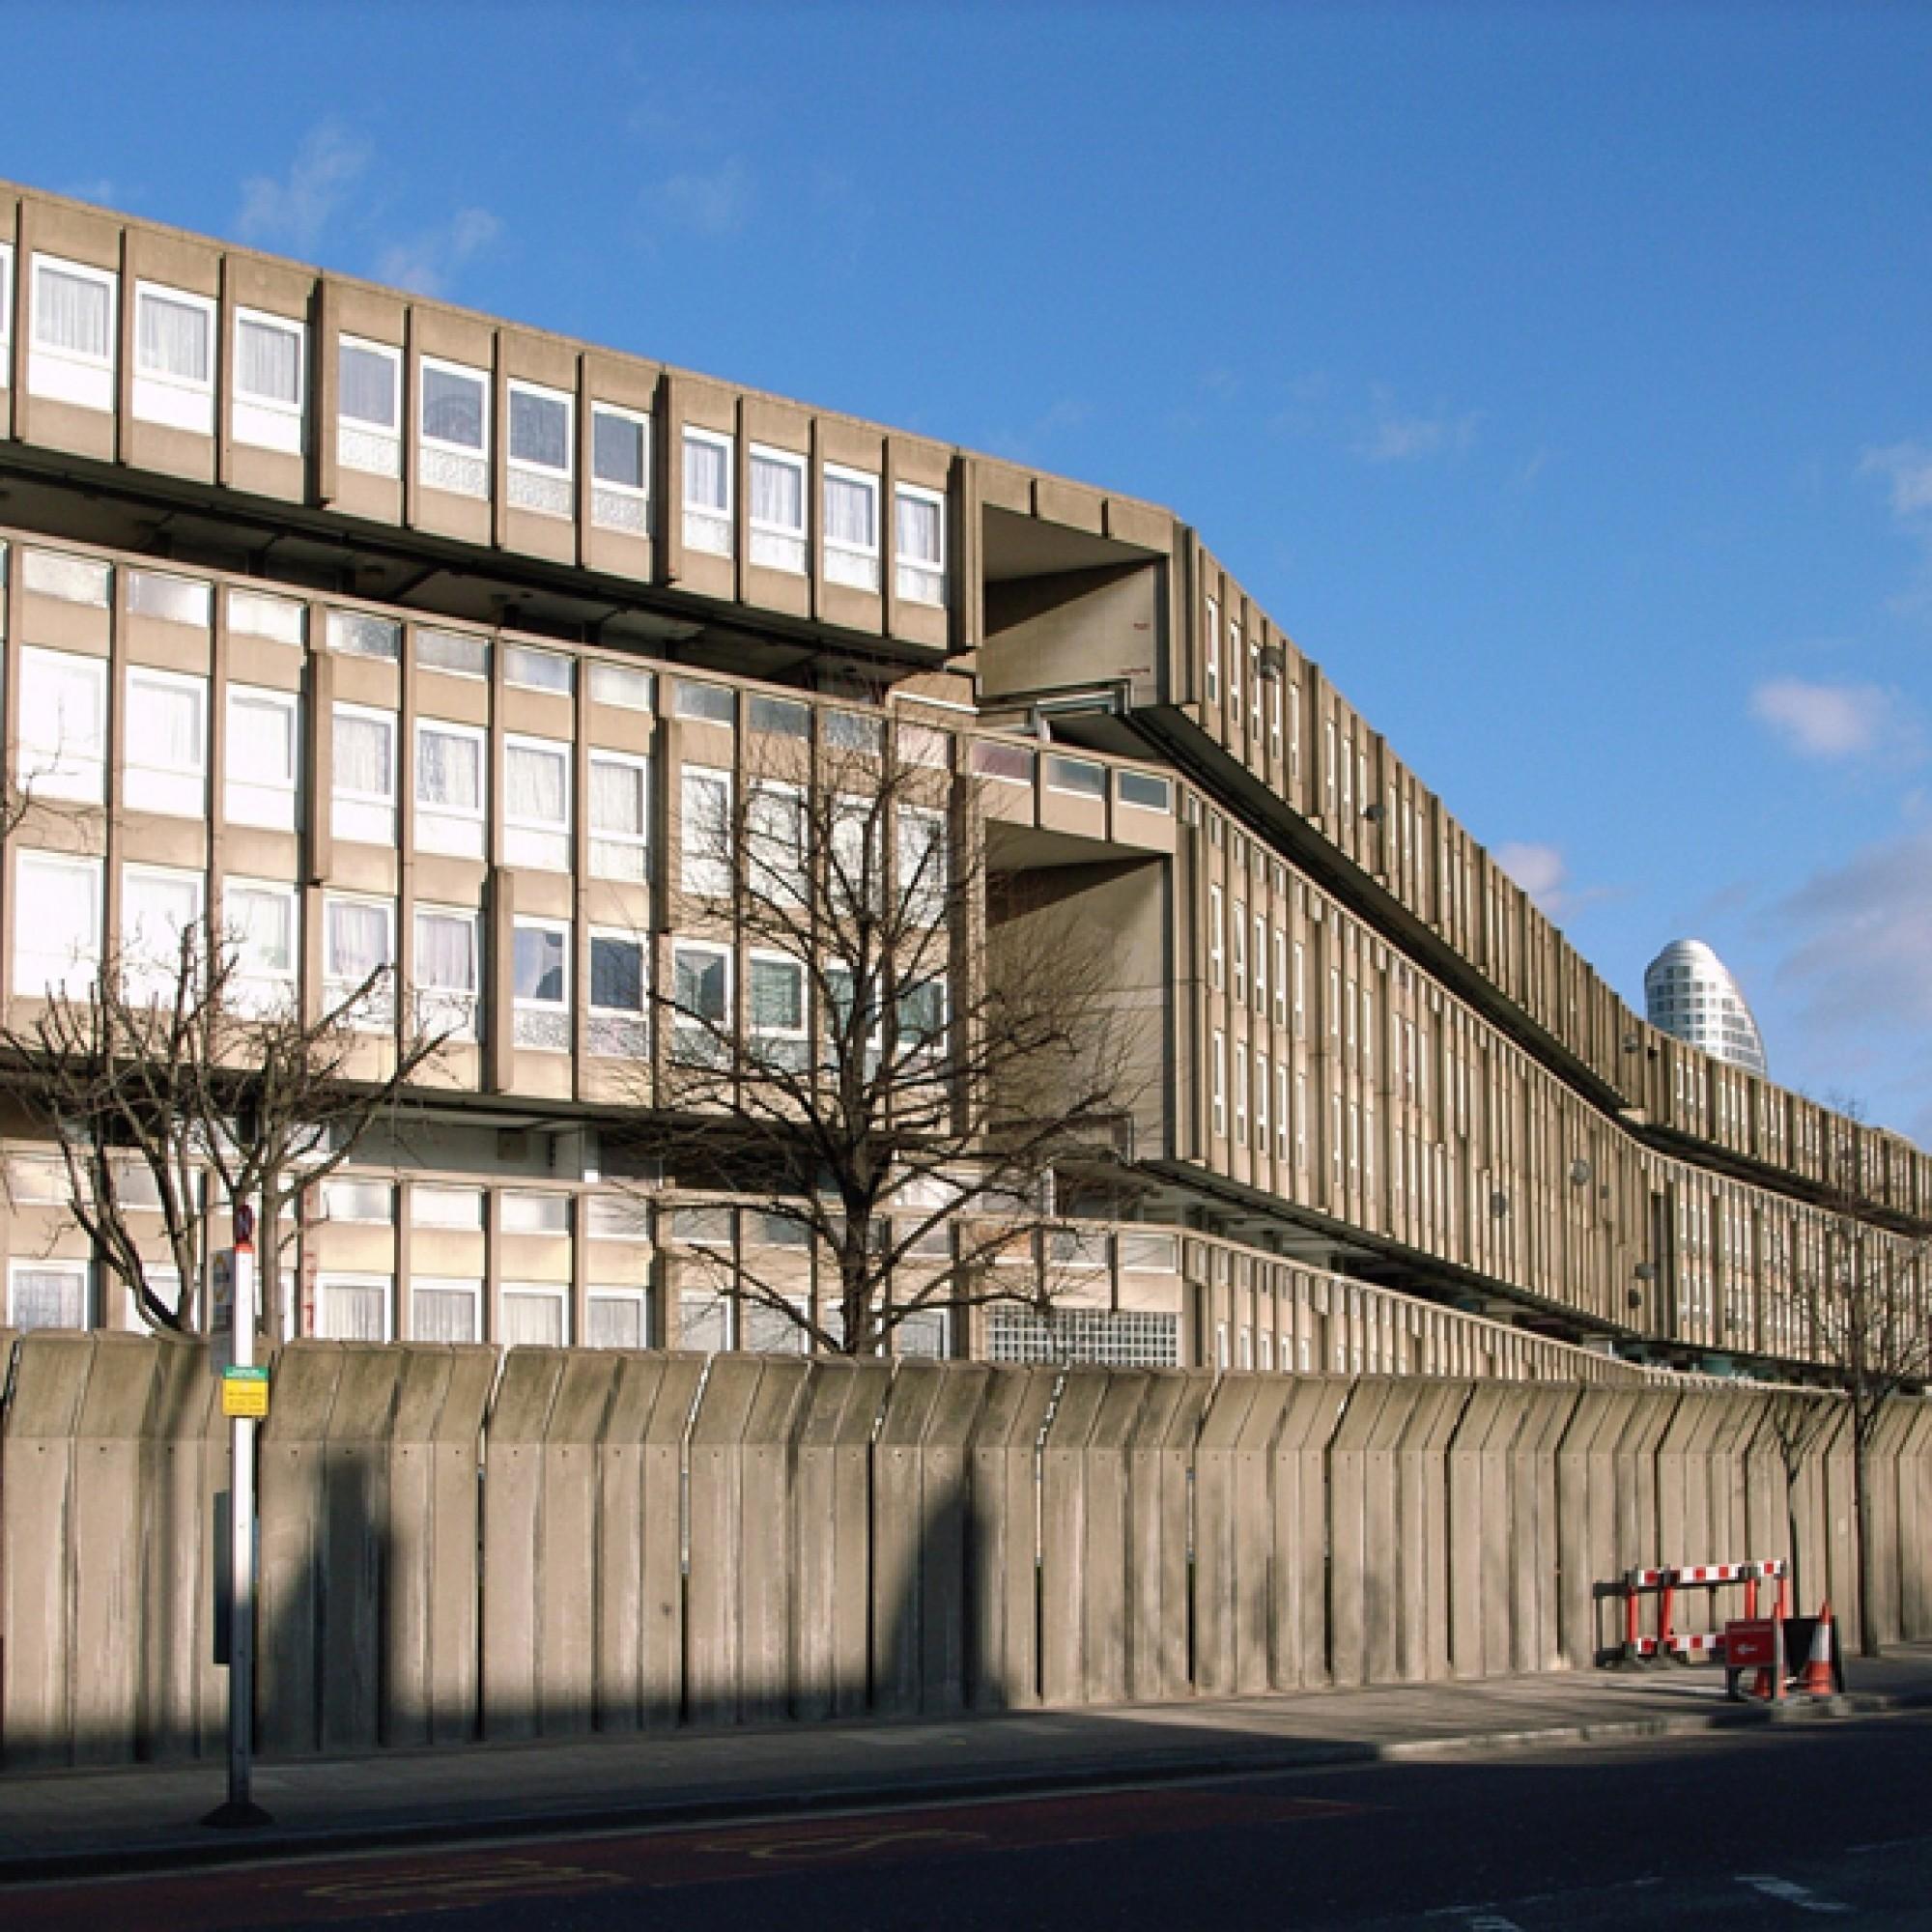 Prägendes Element der Fassade sind die Fensterrahmen.  (stevecadman, wikimedia.org, cc-by-sa-2.0)